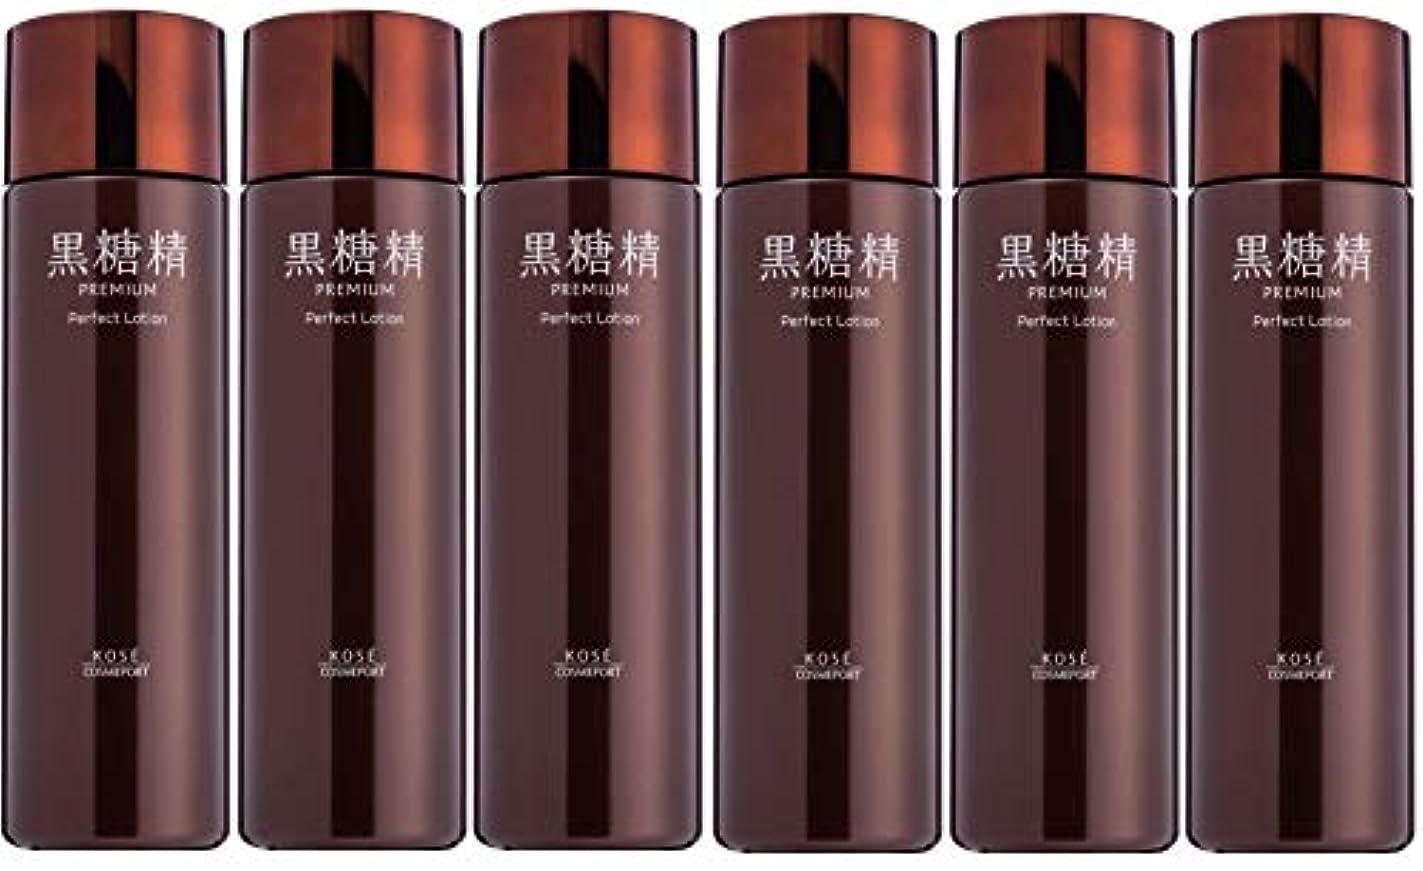 適性ディスカウントトピックKOSE 黒糖精 プレミアム パーフェクトエッセンス 45mL X6個セット